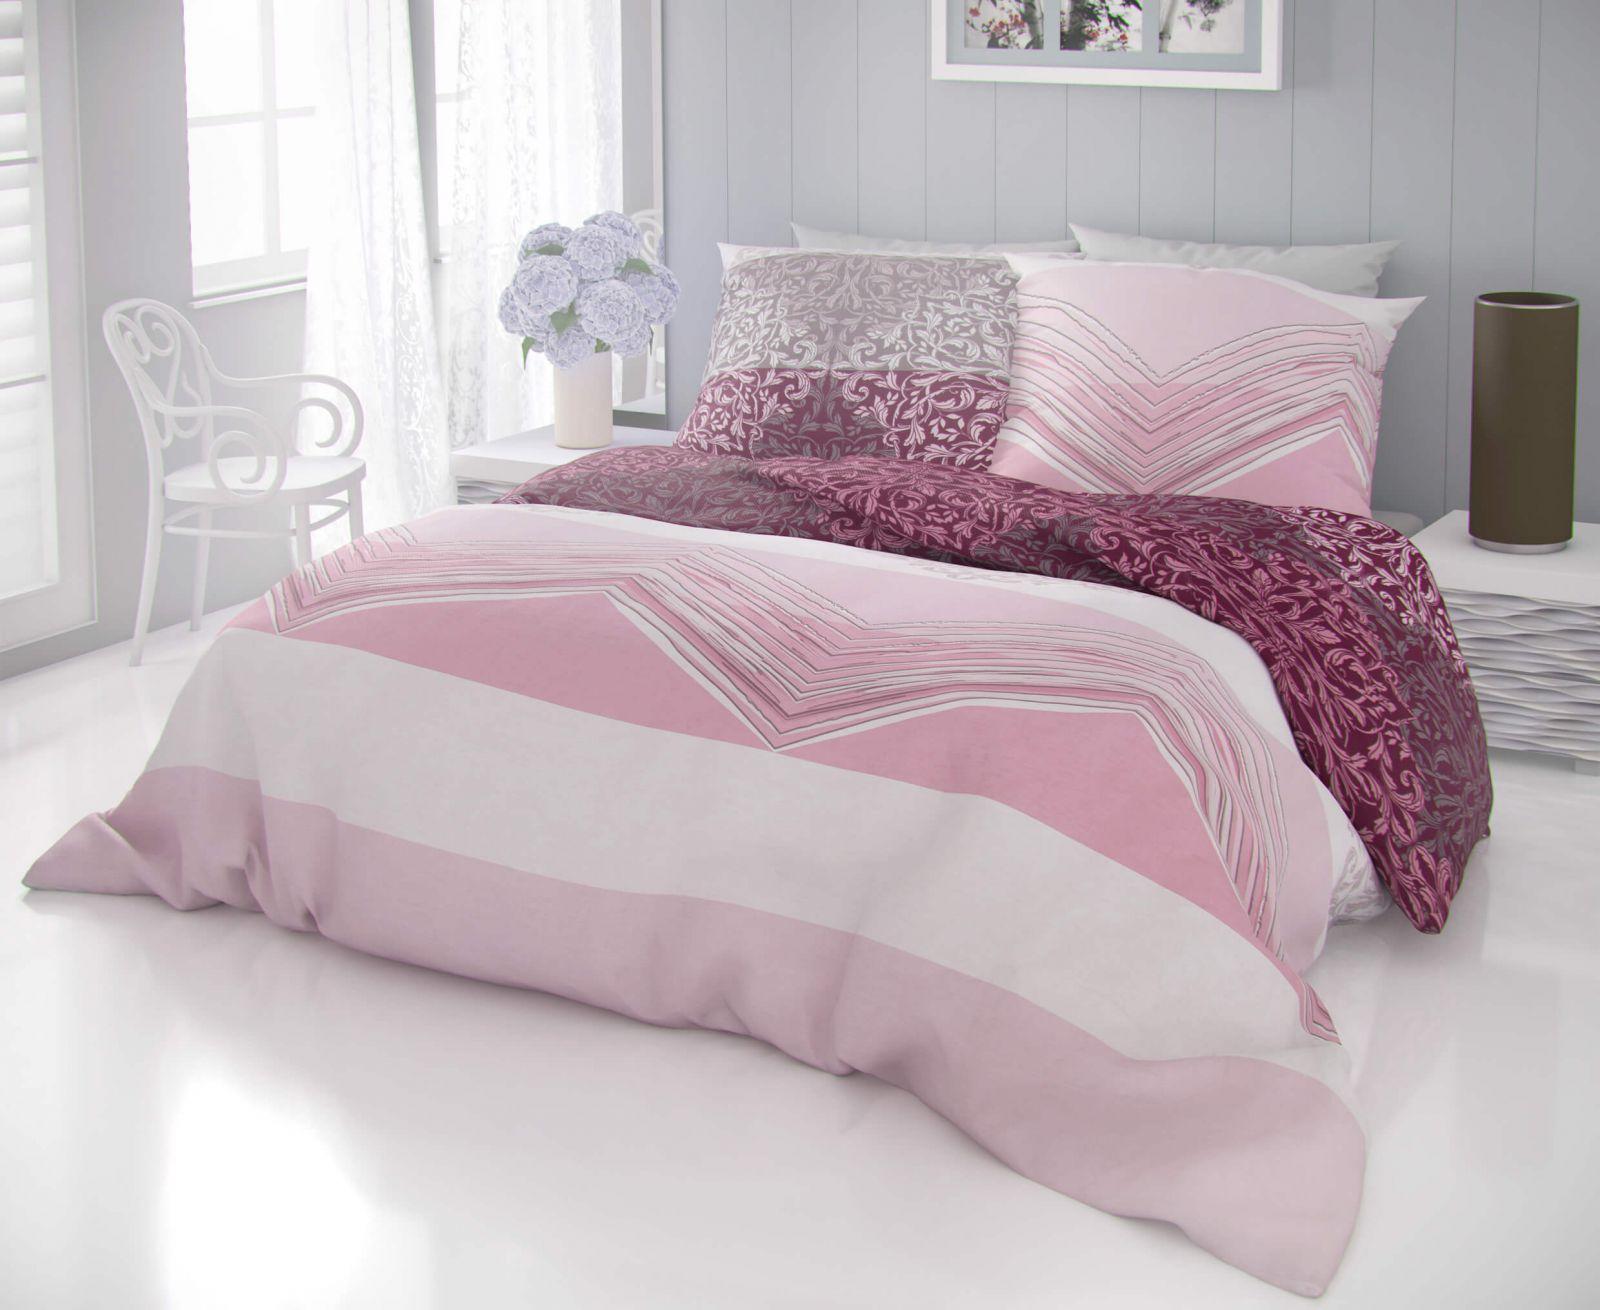 Kvalitné bavlnené obliečky s kvetinovými ornamentami a pruhy v ružových a béžových odtieňoch DELUX SIMON růžová Kvalitex